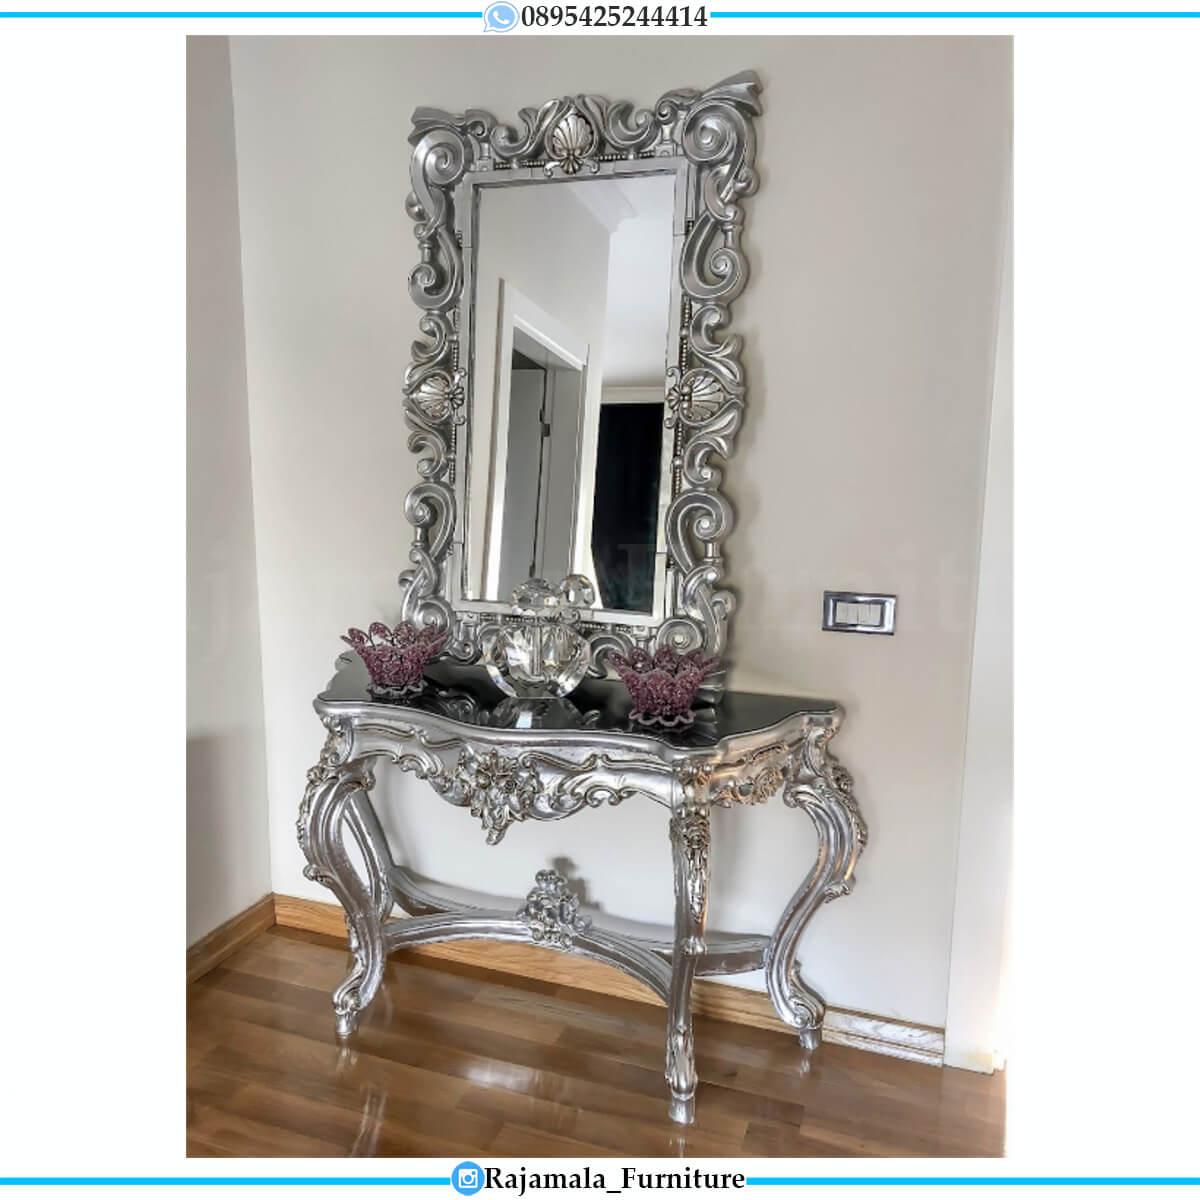 Harga Meja Konsol Mewah Classic Luxury Carving Jepara RM-0671